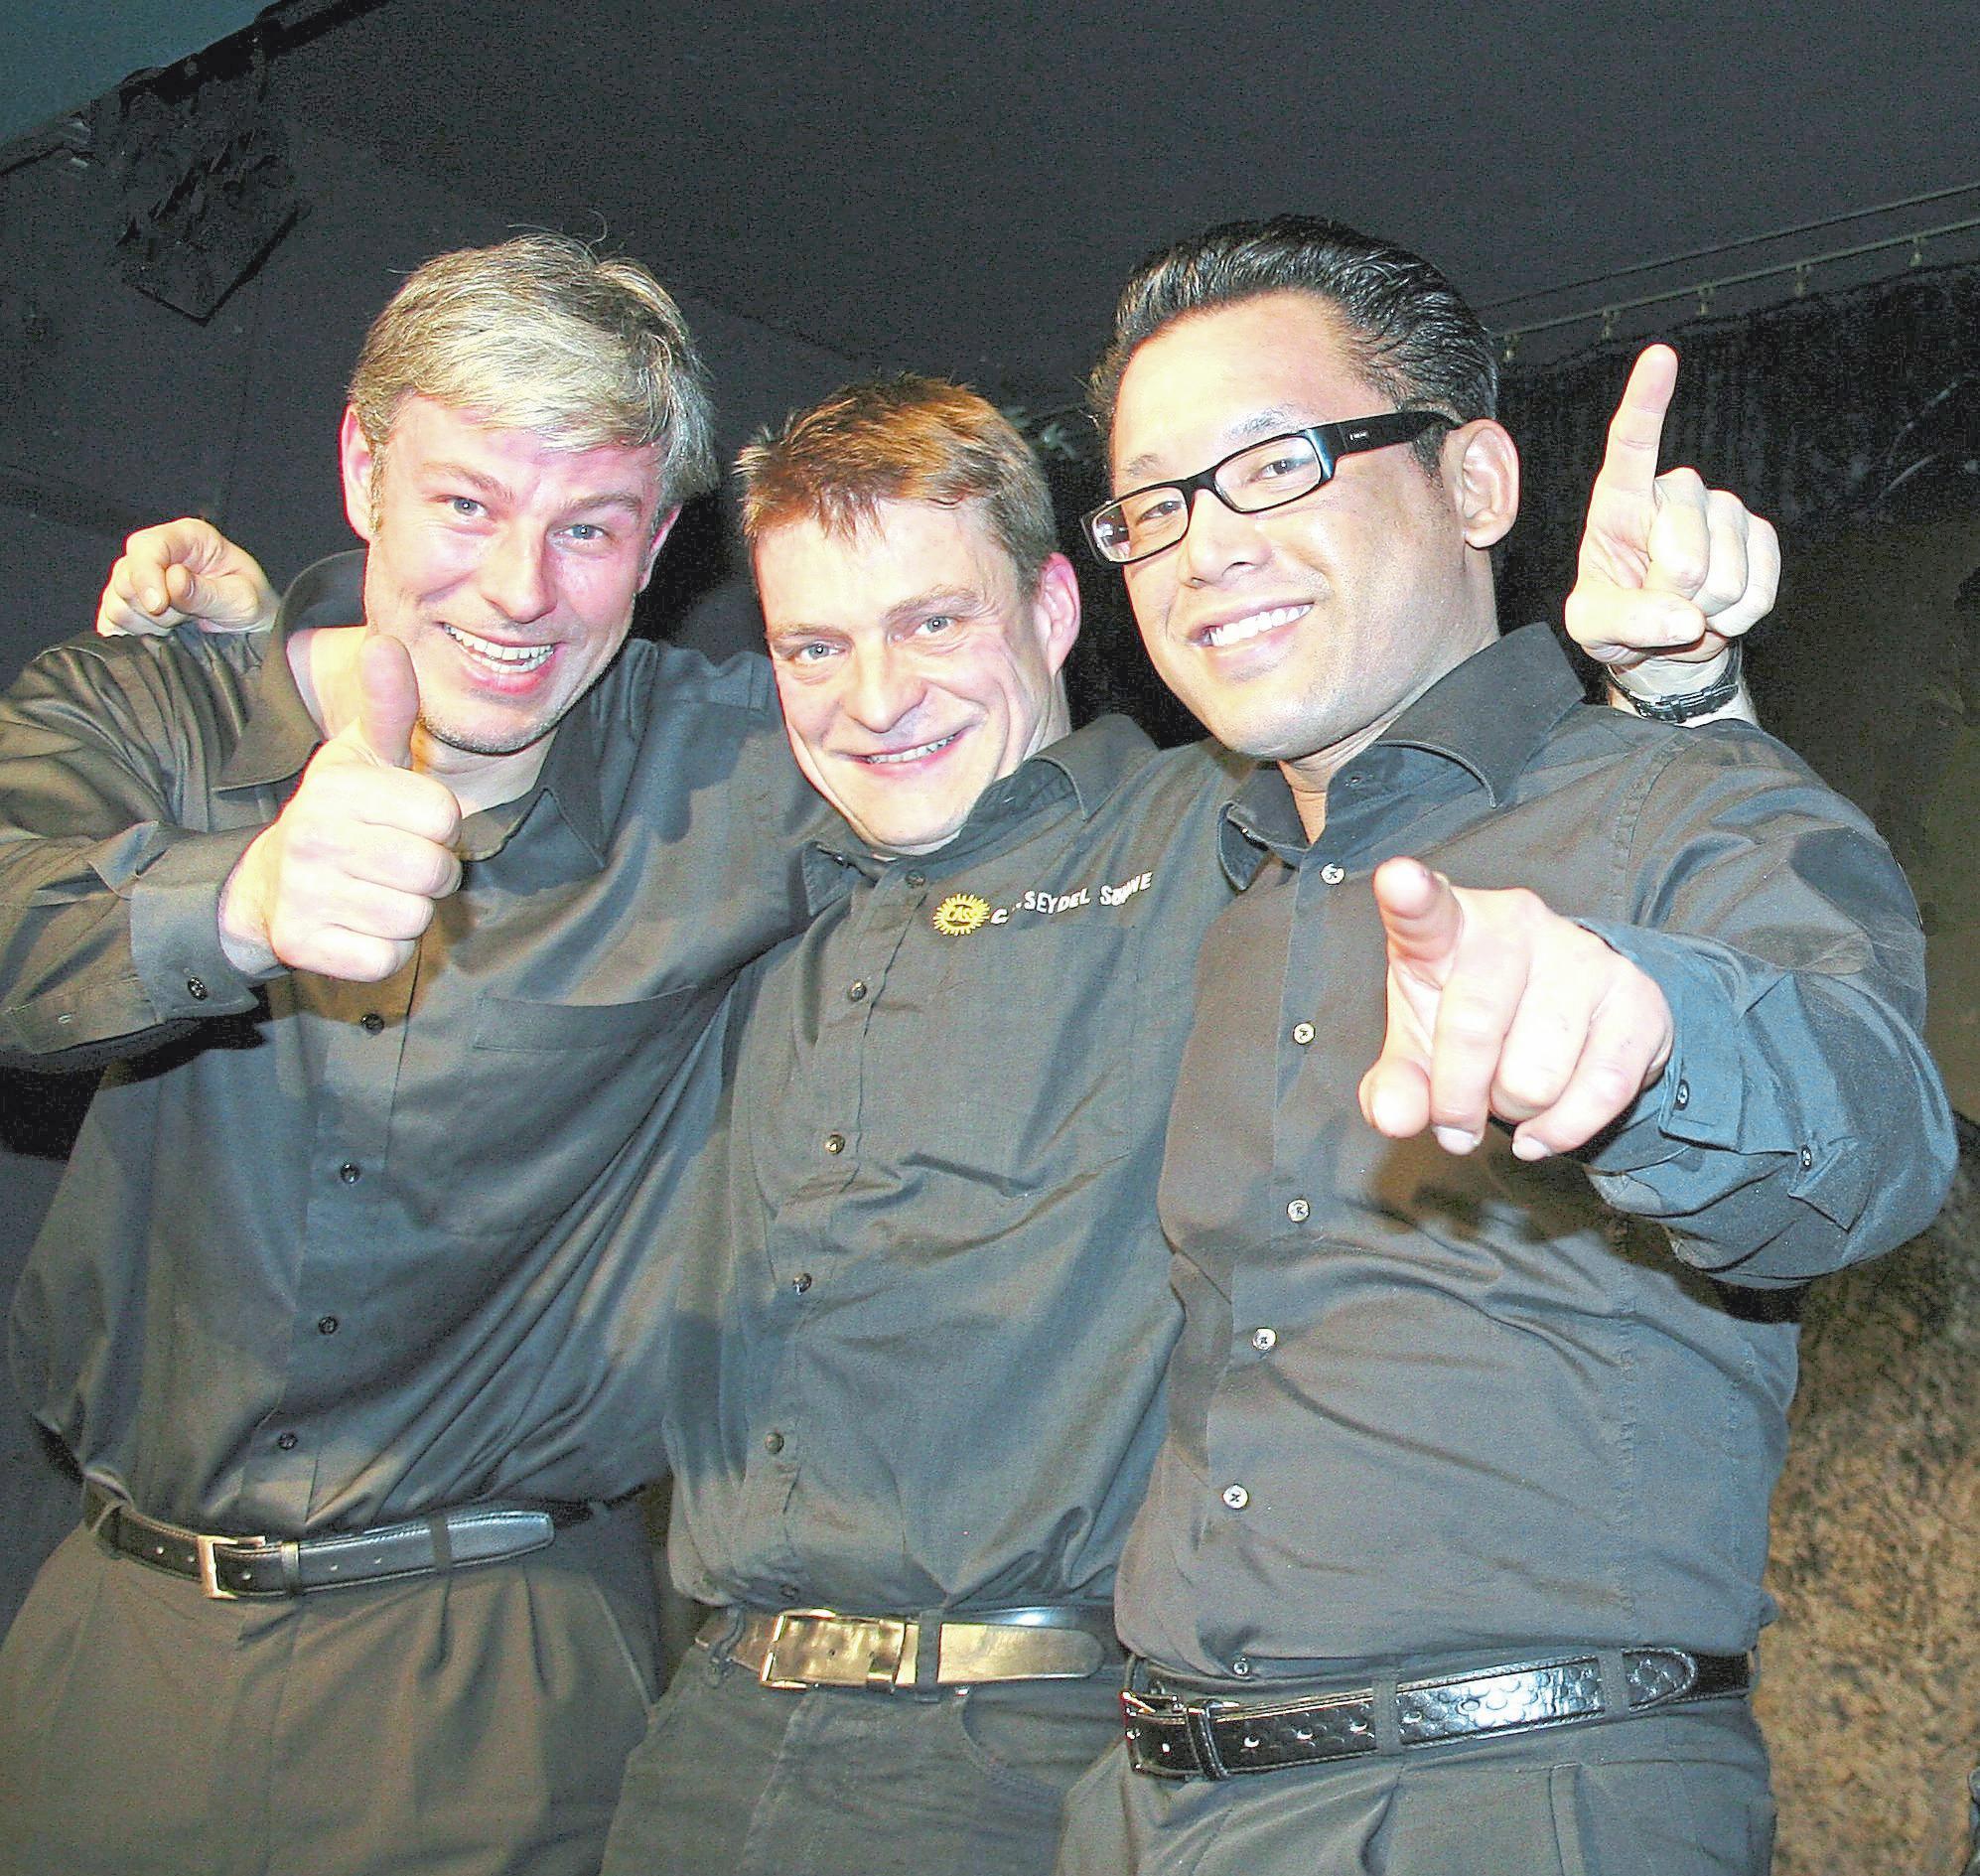 Das Trio Boogielicious mit David Herzeln (Schlagzeug), Bertram Becher (Mundharmonika) und Eeco Rijken Rapp (Klavier) tritt am 5. Mai (Sonntag) auf der Bühne auf dem Mühlenplatz auf. Foto: Dielenabend